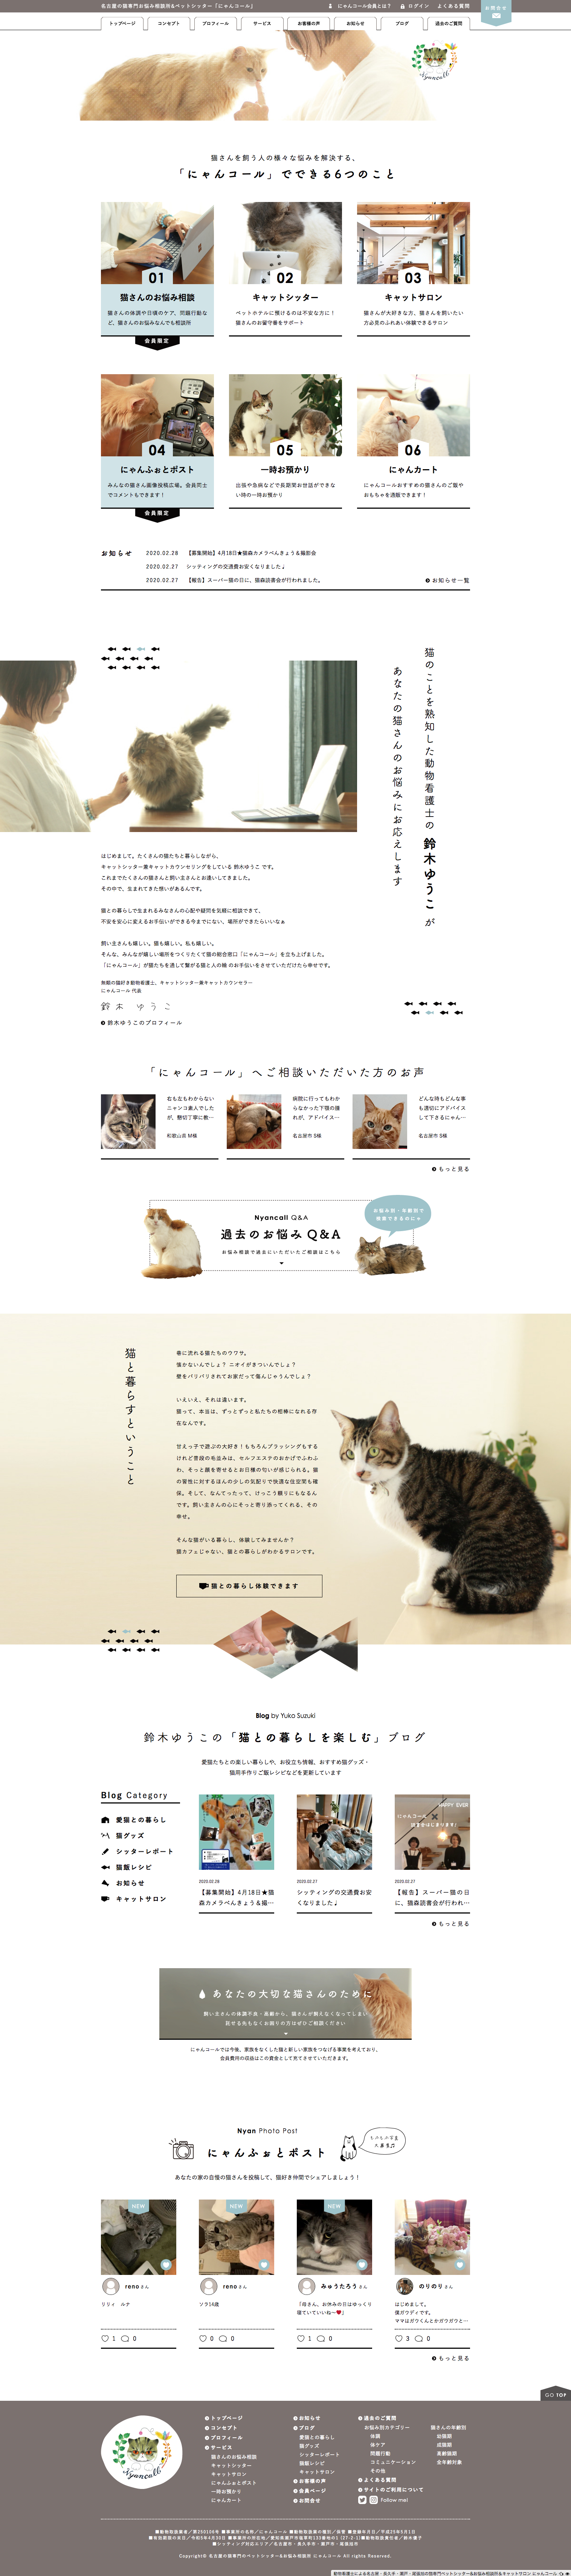 猫専門お悩み相談所のホームページデザイン